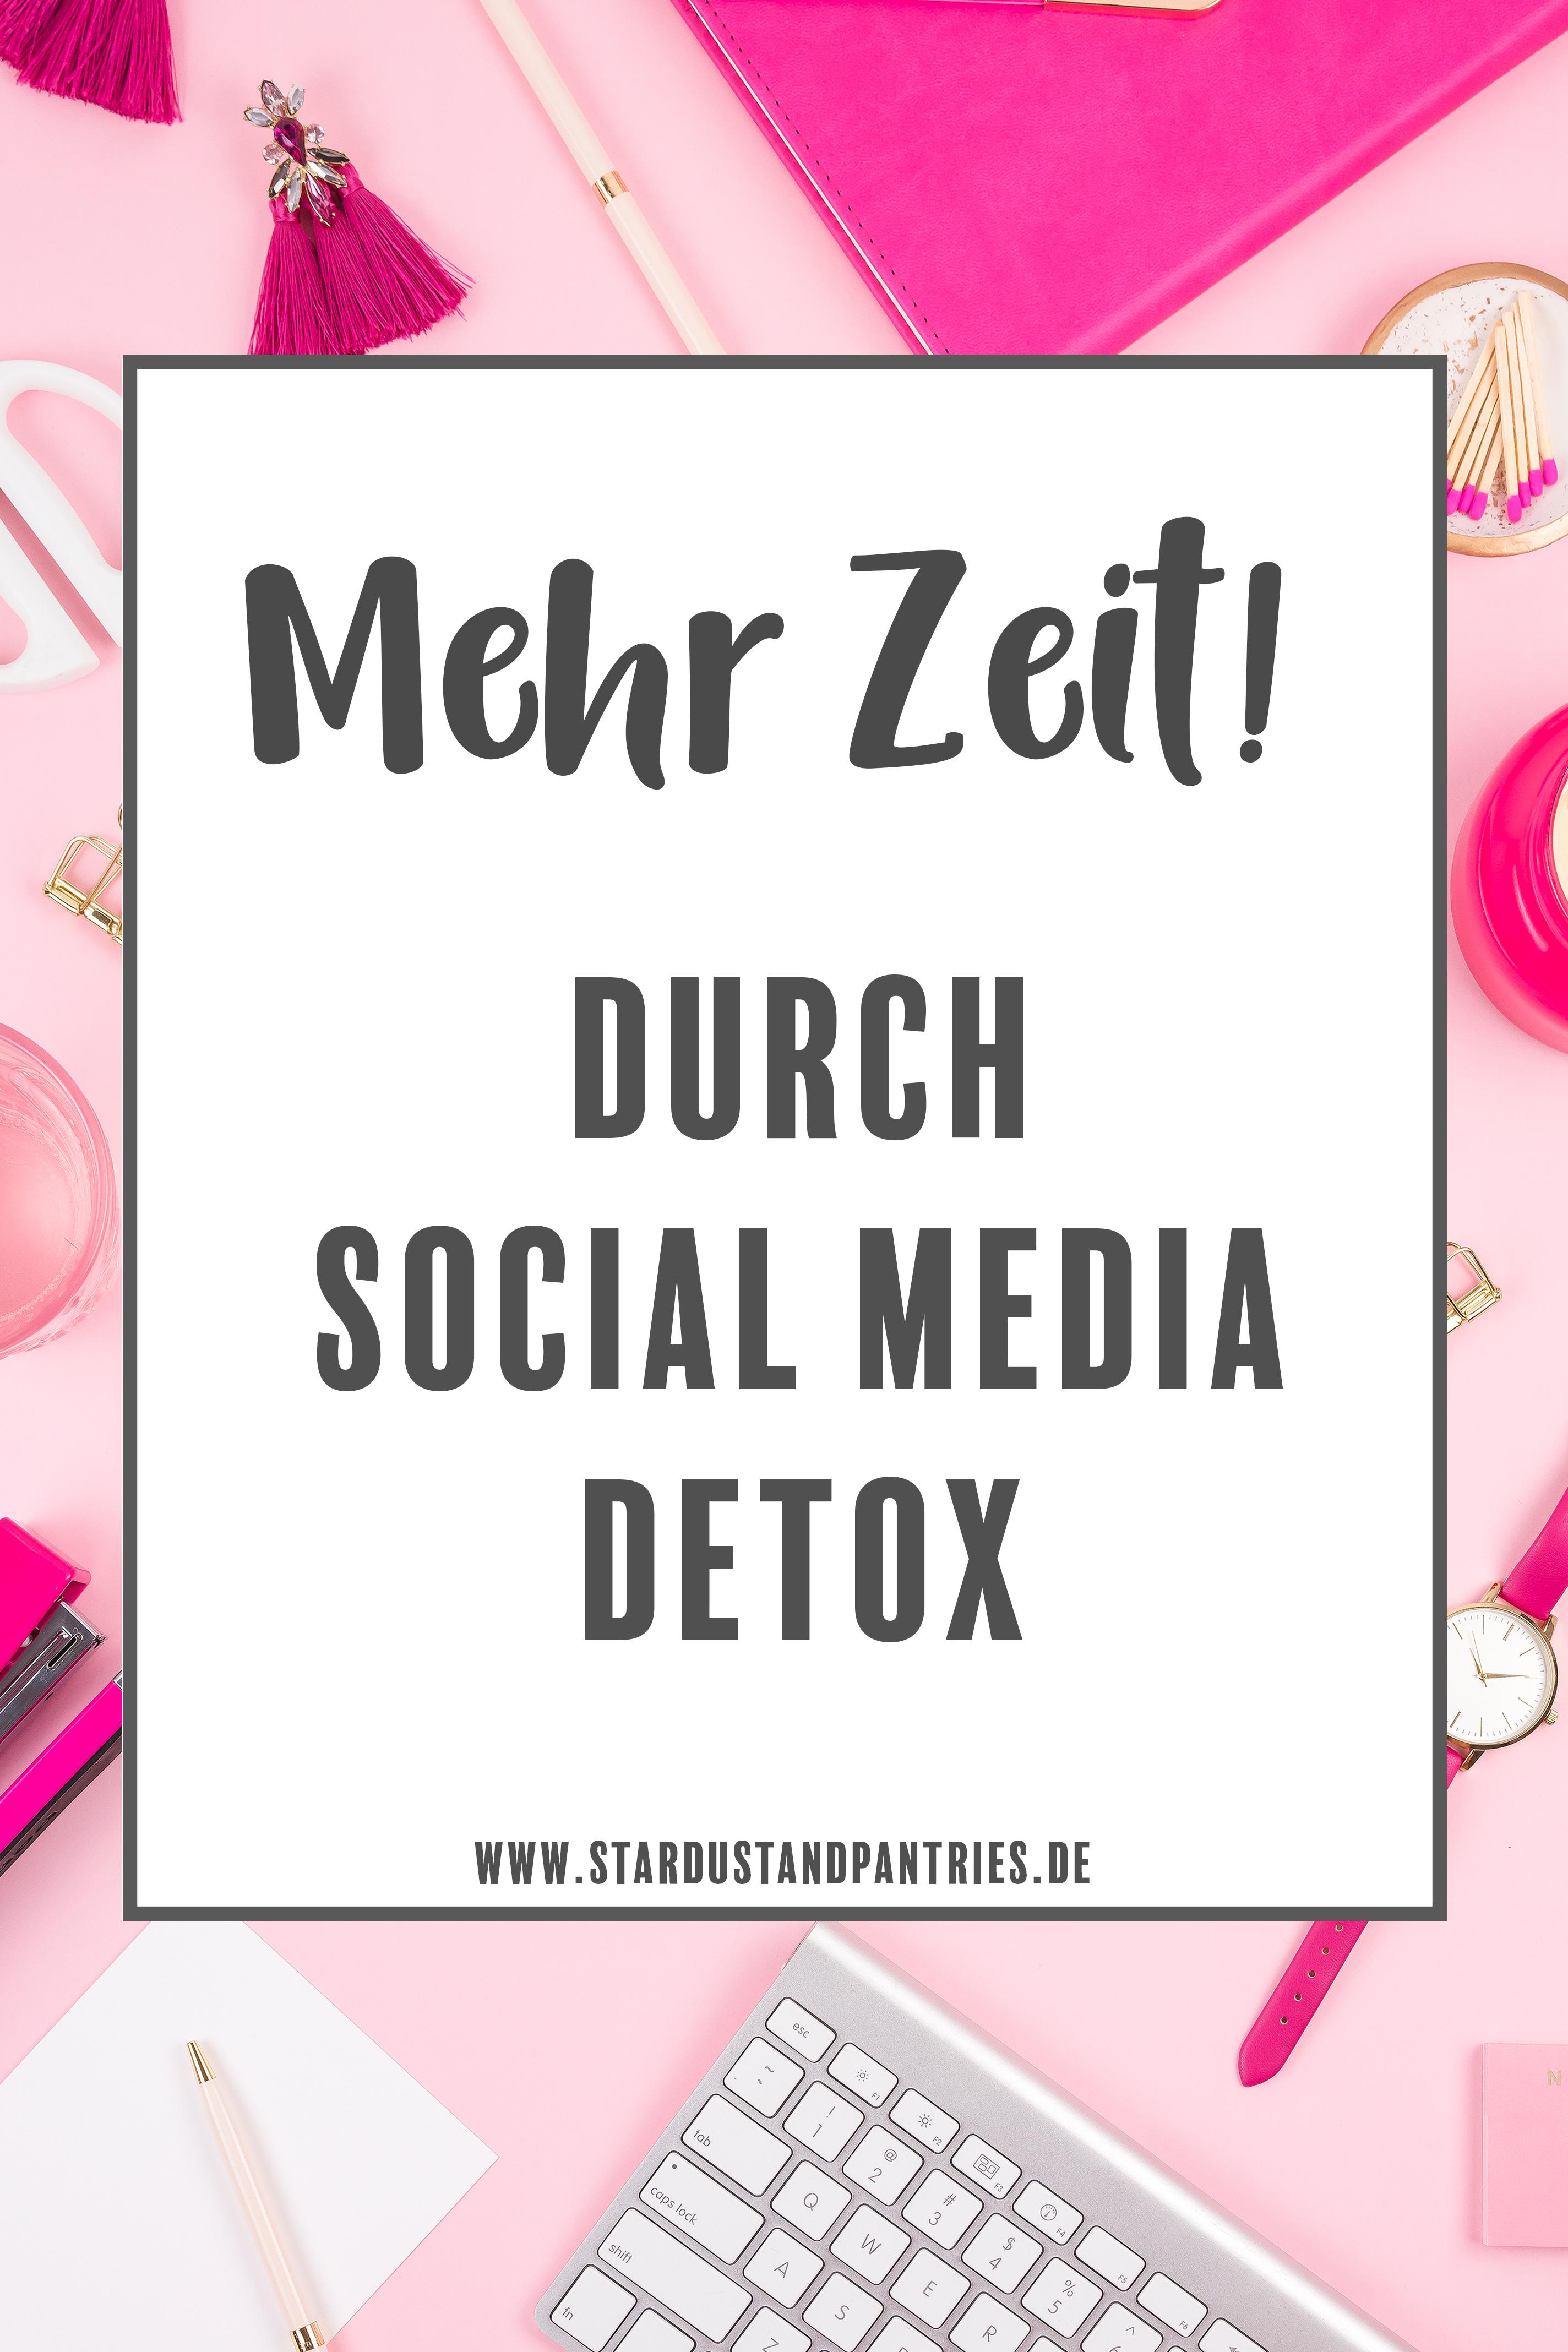 Mehr Zeit durch einen 7-Tage Social Media Detox. Klick dich durch für viele Tipps und Ideen was du stattdessen tun kannst! #selfcare #socialmediadetox #mehrzeit